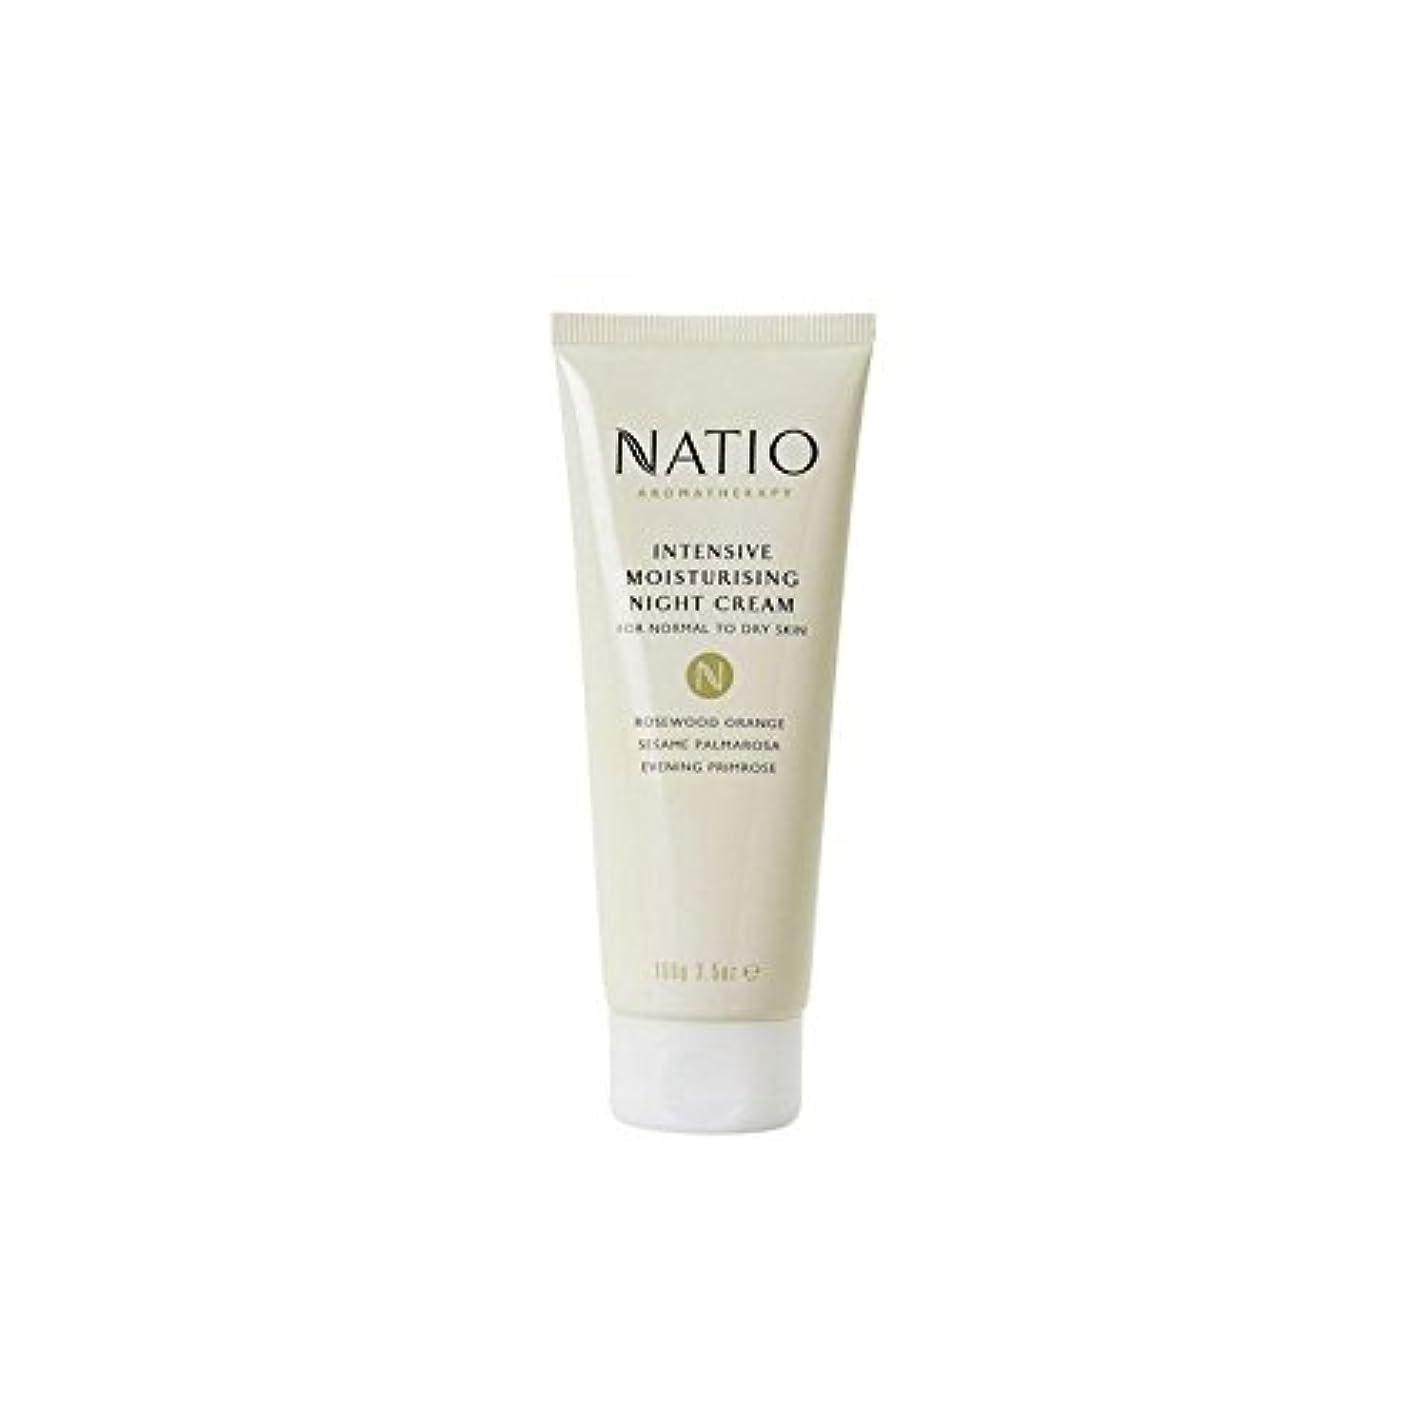 オールしたがって乳製品Natio Intensive Moisturising Night Cream (100G) - 集中的な保湿ナイトクリーム(100グラム) [並行輸入品]